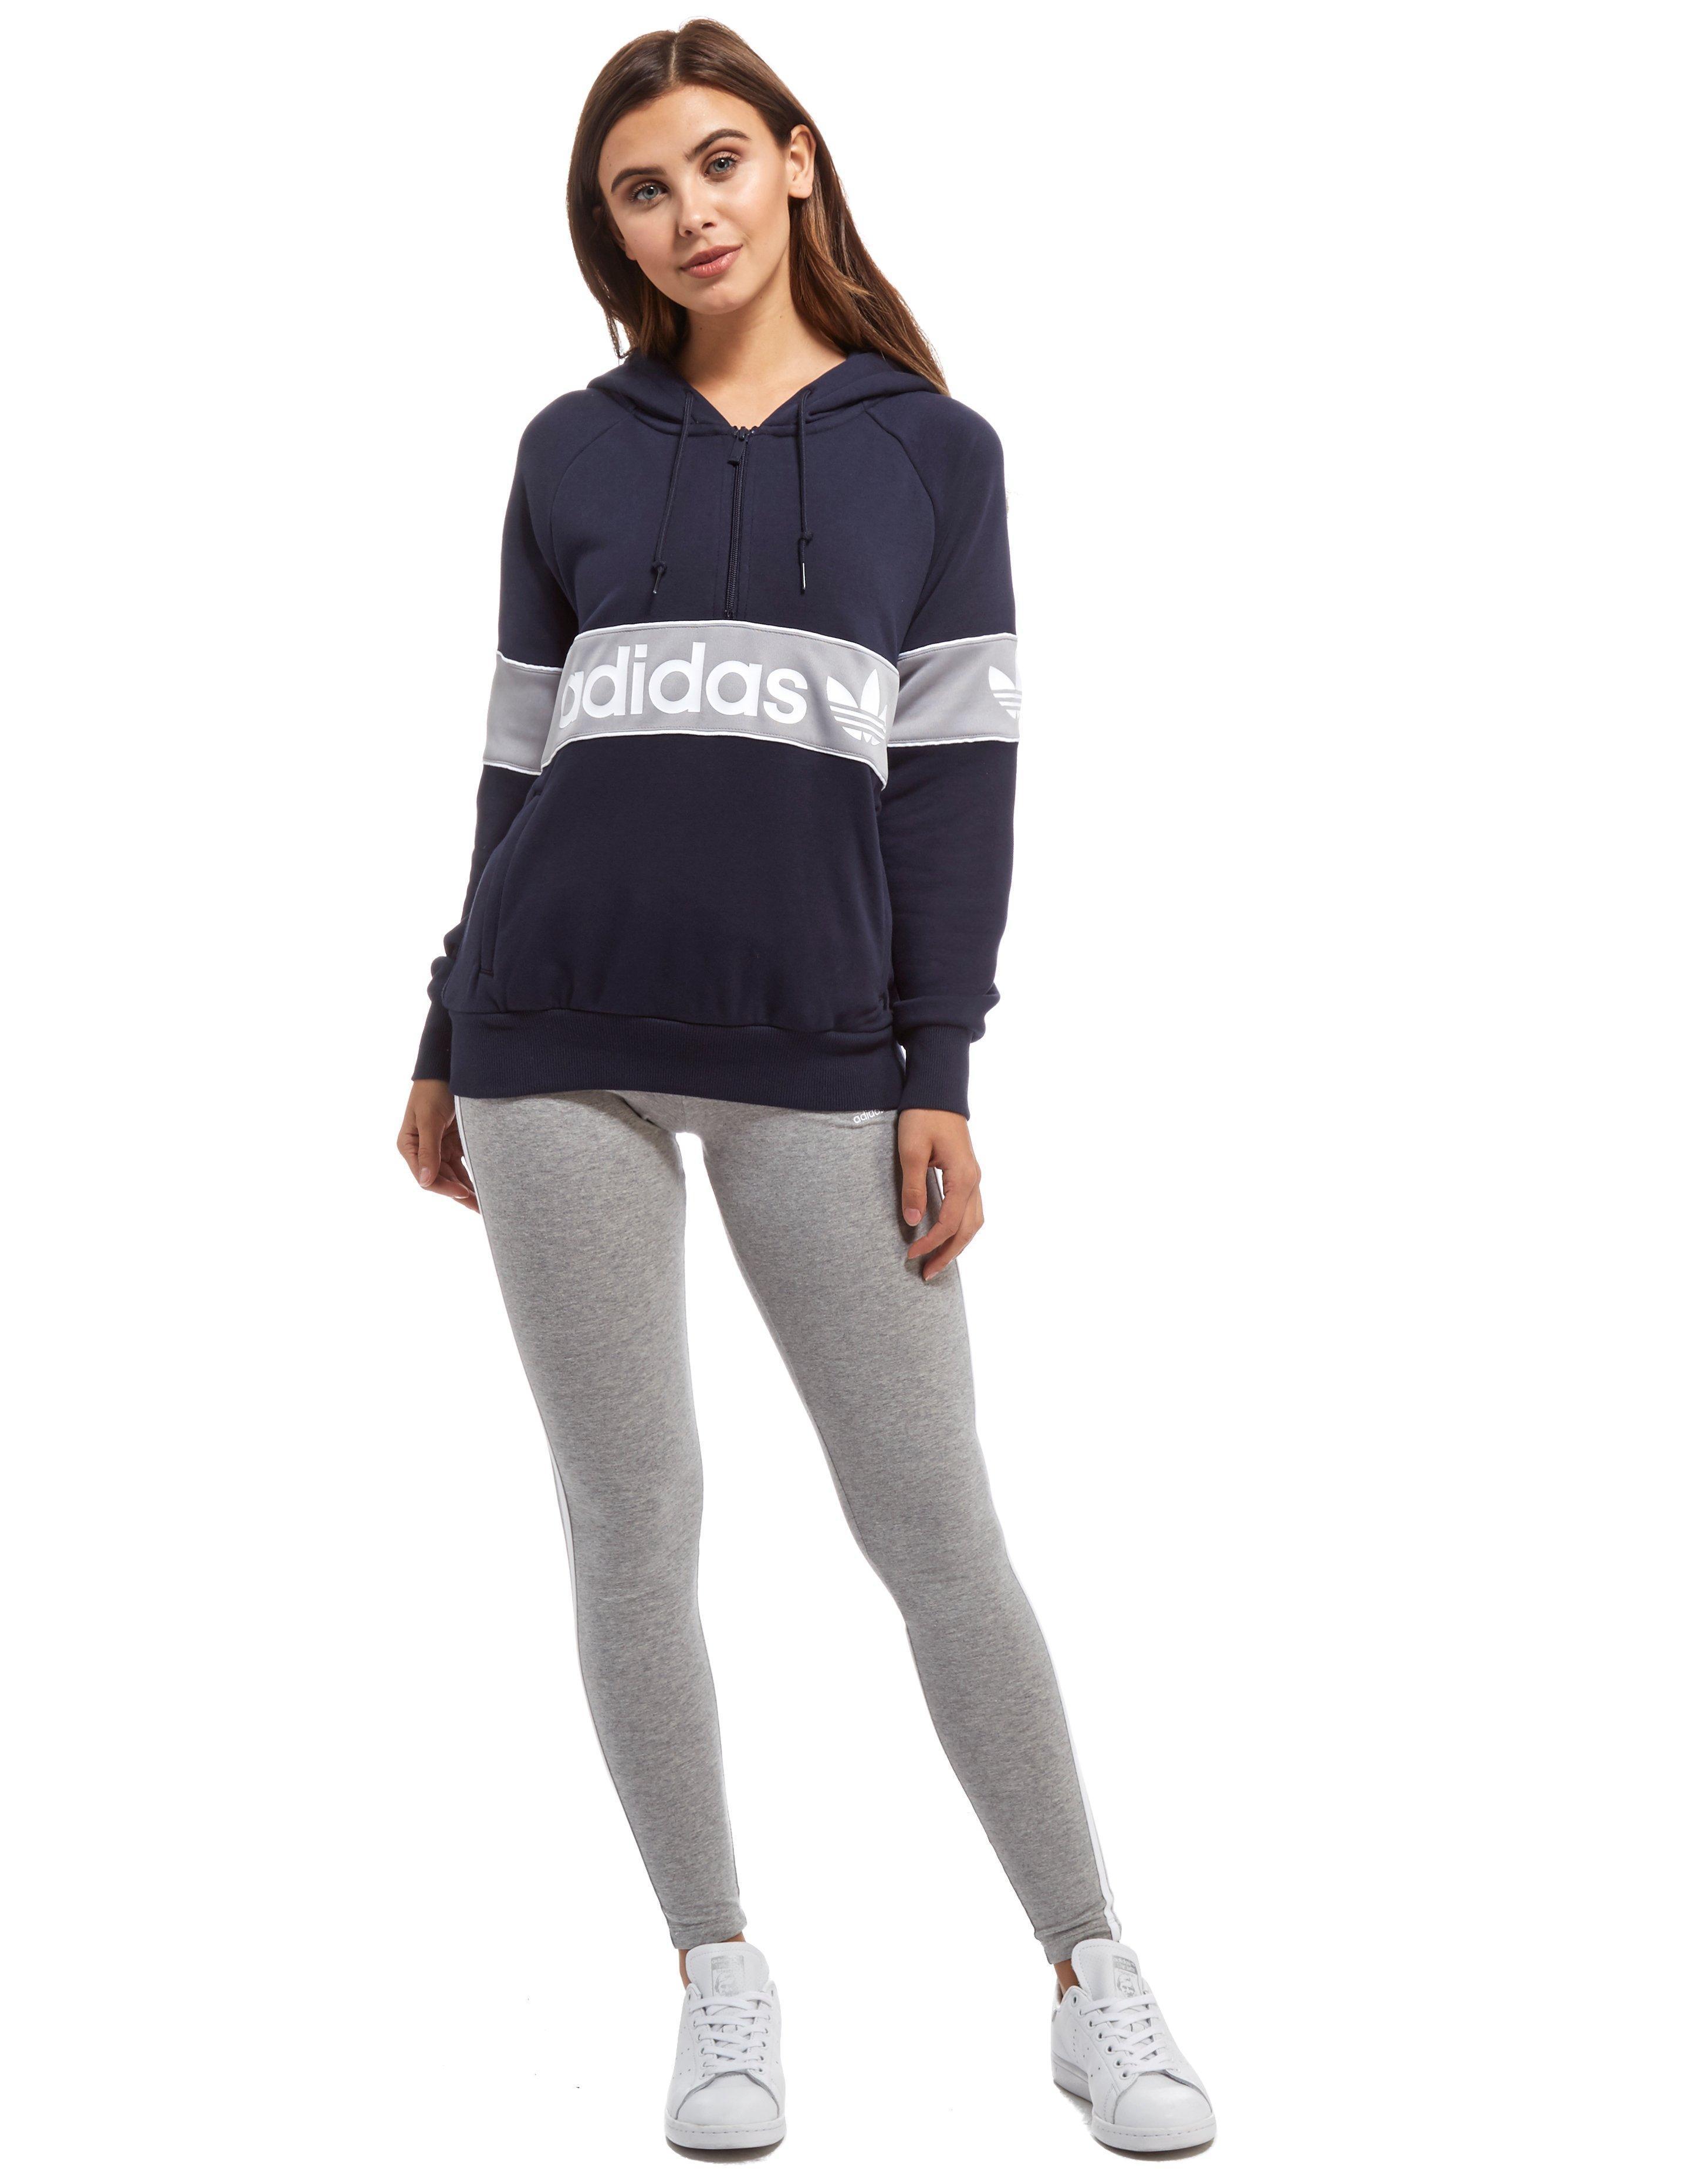 adidas Originals Authentic 1 2 Zip Hoodie in Blue - Lyst bd26c0dec2